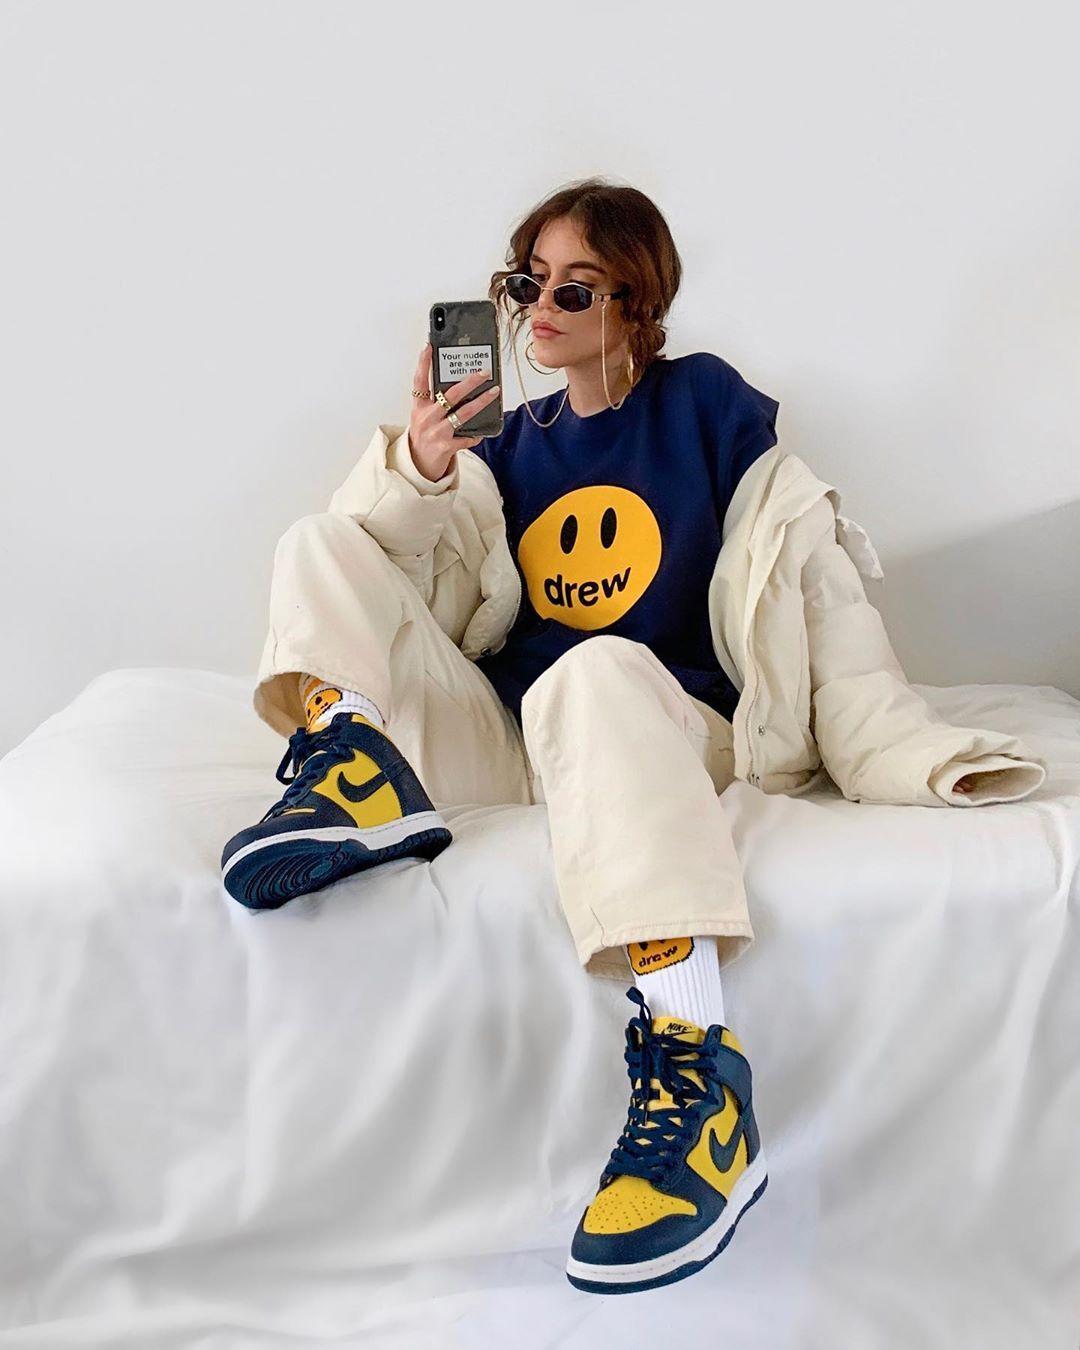 drew笑脸海军蓝短袖欧阳娜娜同款美式休闲FOG高街情侣T恤宽松tee88元